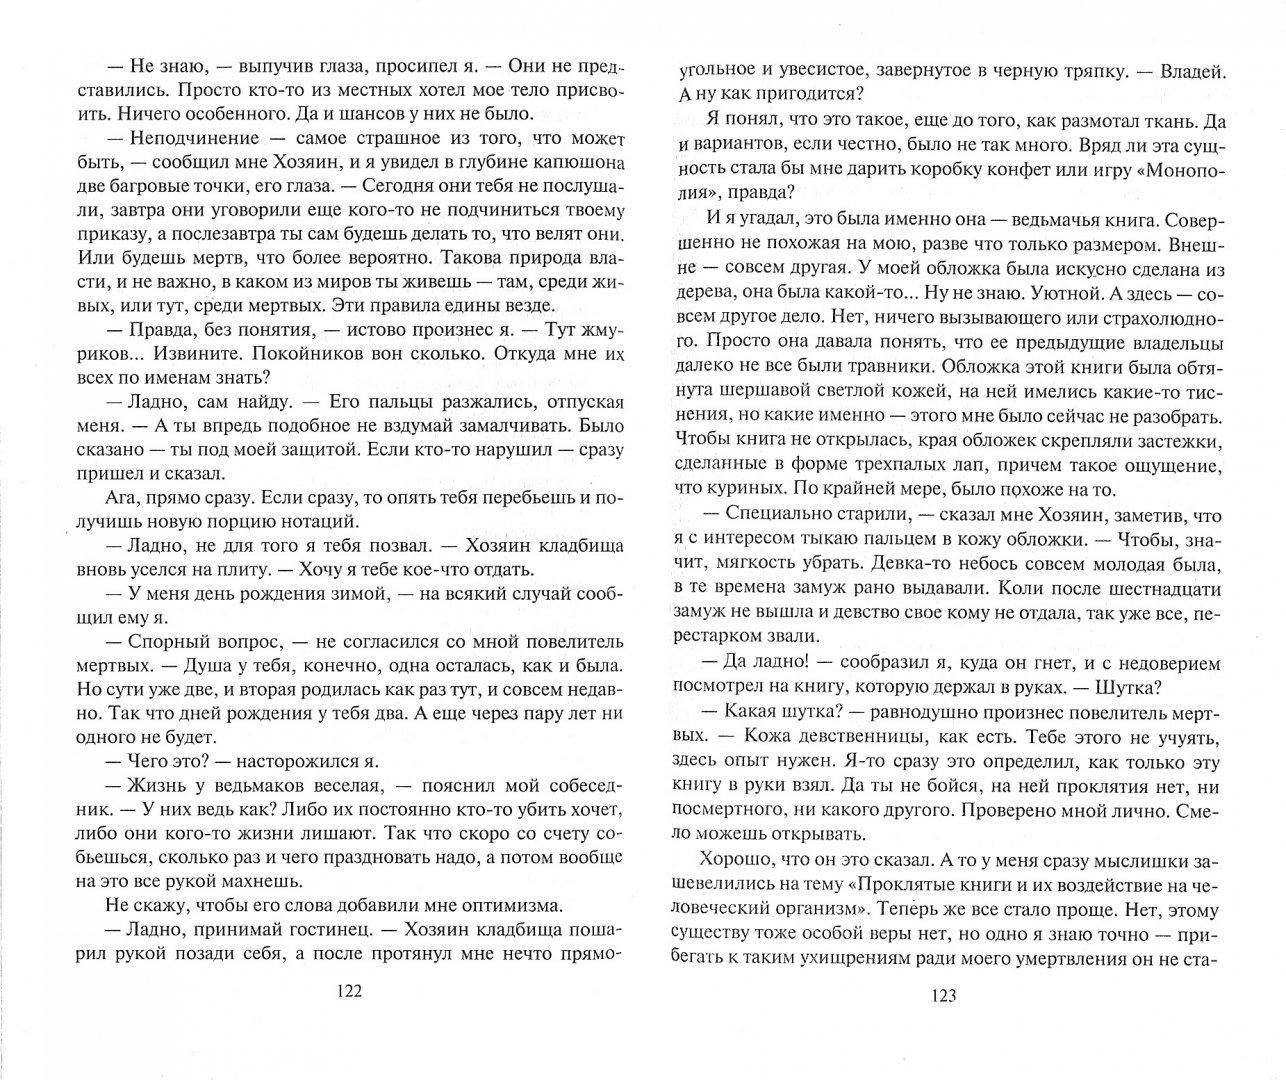 Иллюстрация 3 из 30 для Знаки Ночи - Андрей Васильев | Лабиринт - книги. Источник: Лабиринт